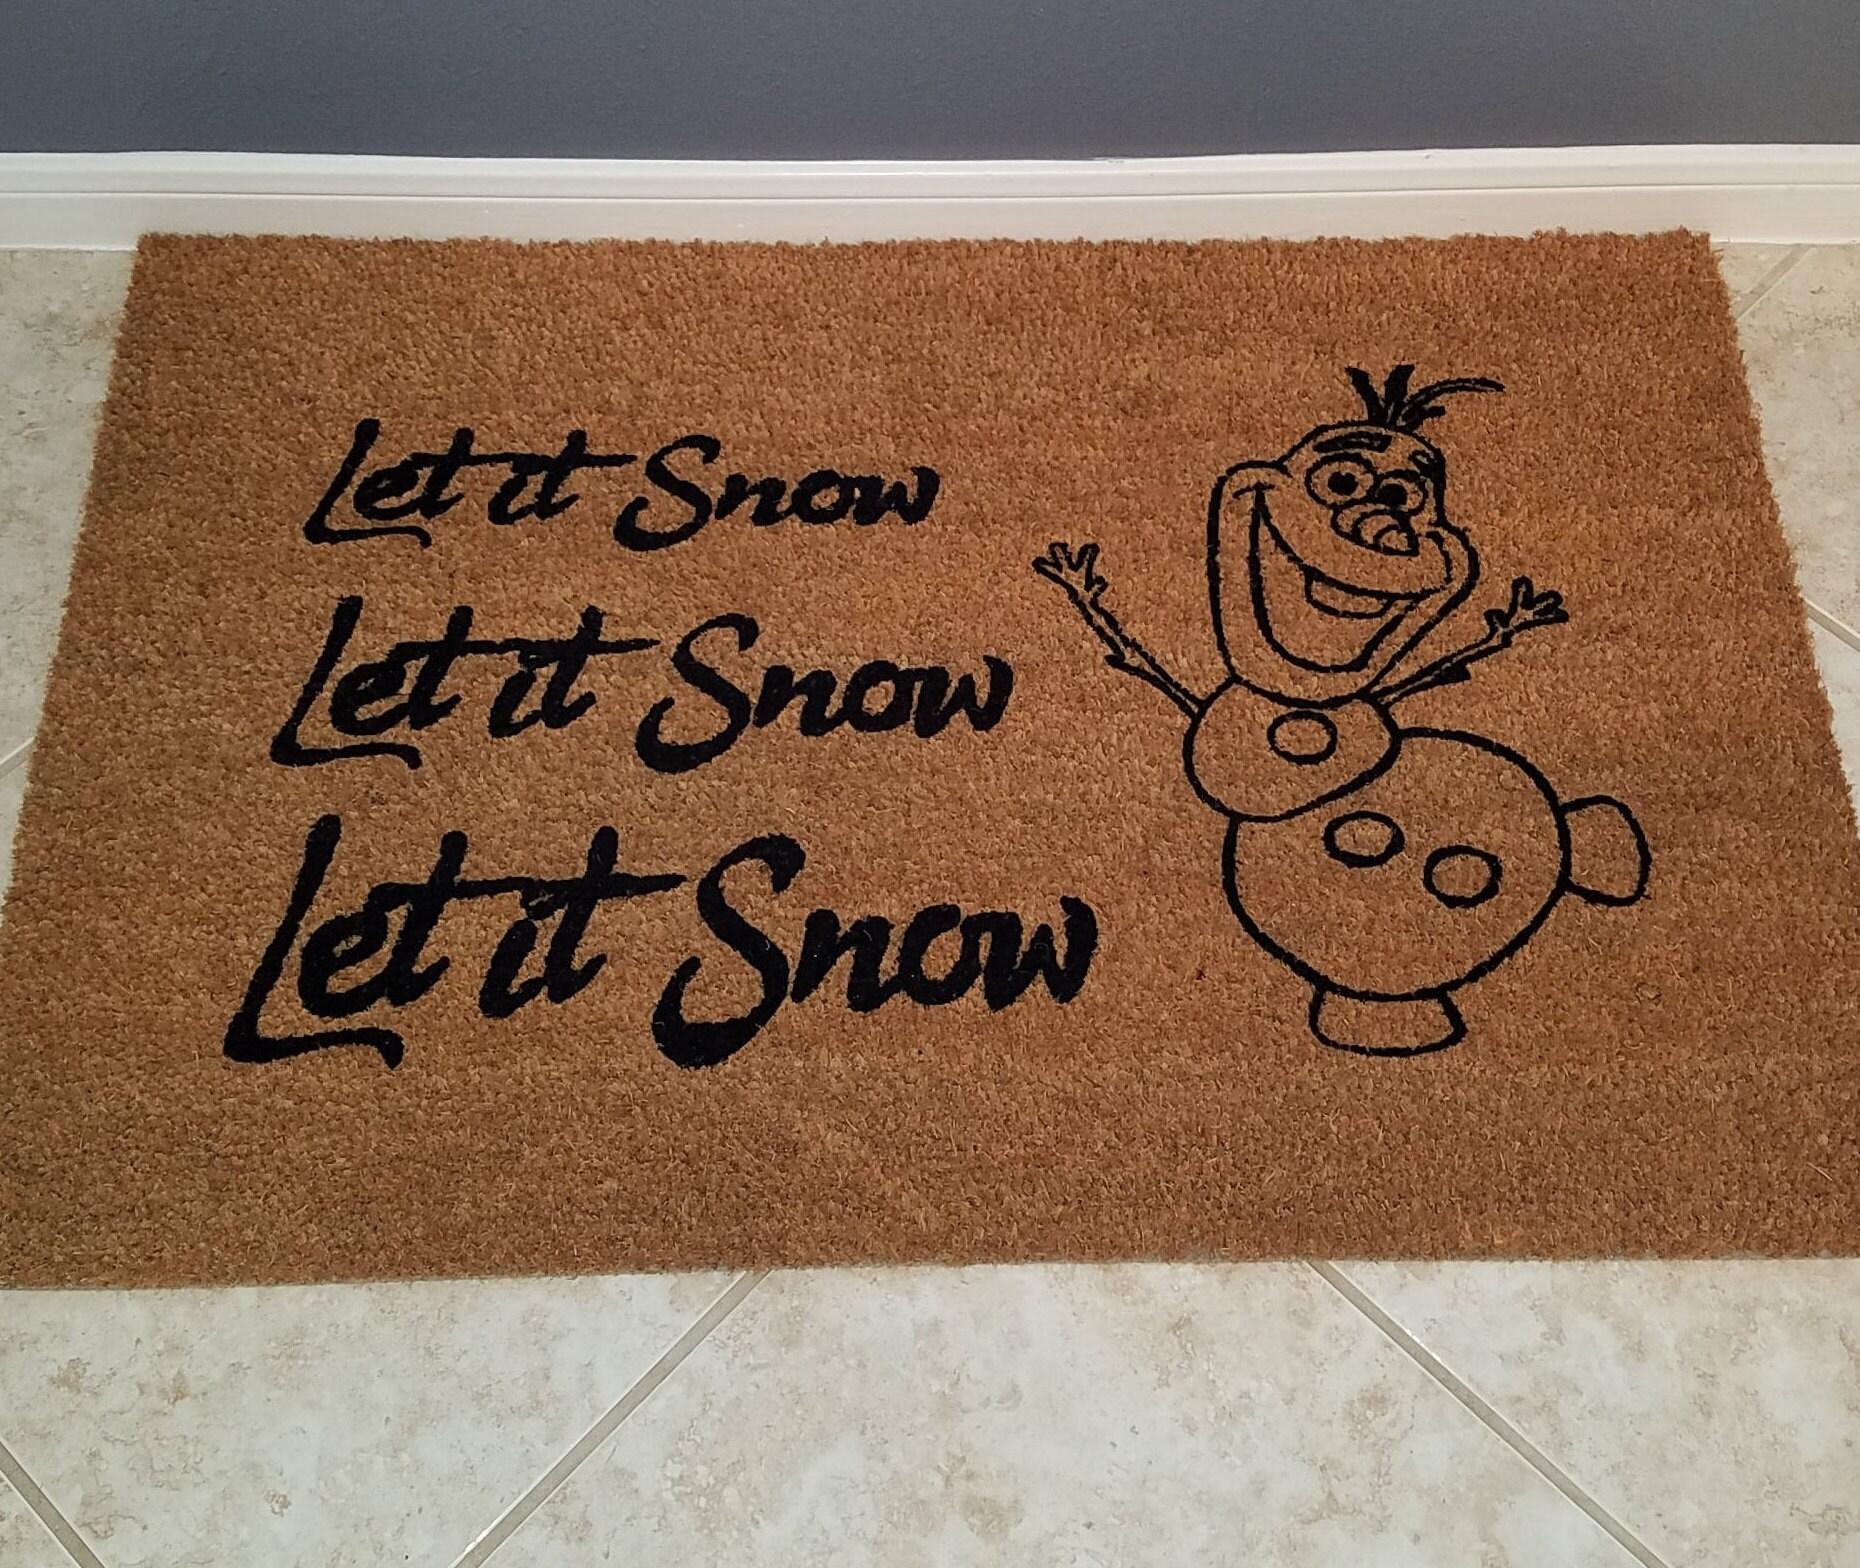 christmas gift door mats funny doormats holiday doormat. Black Bedroom Furniture Sets. Home Design Ideas